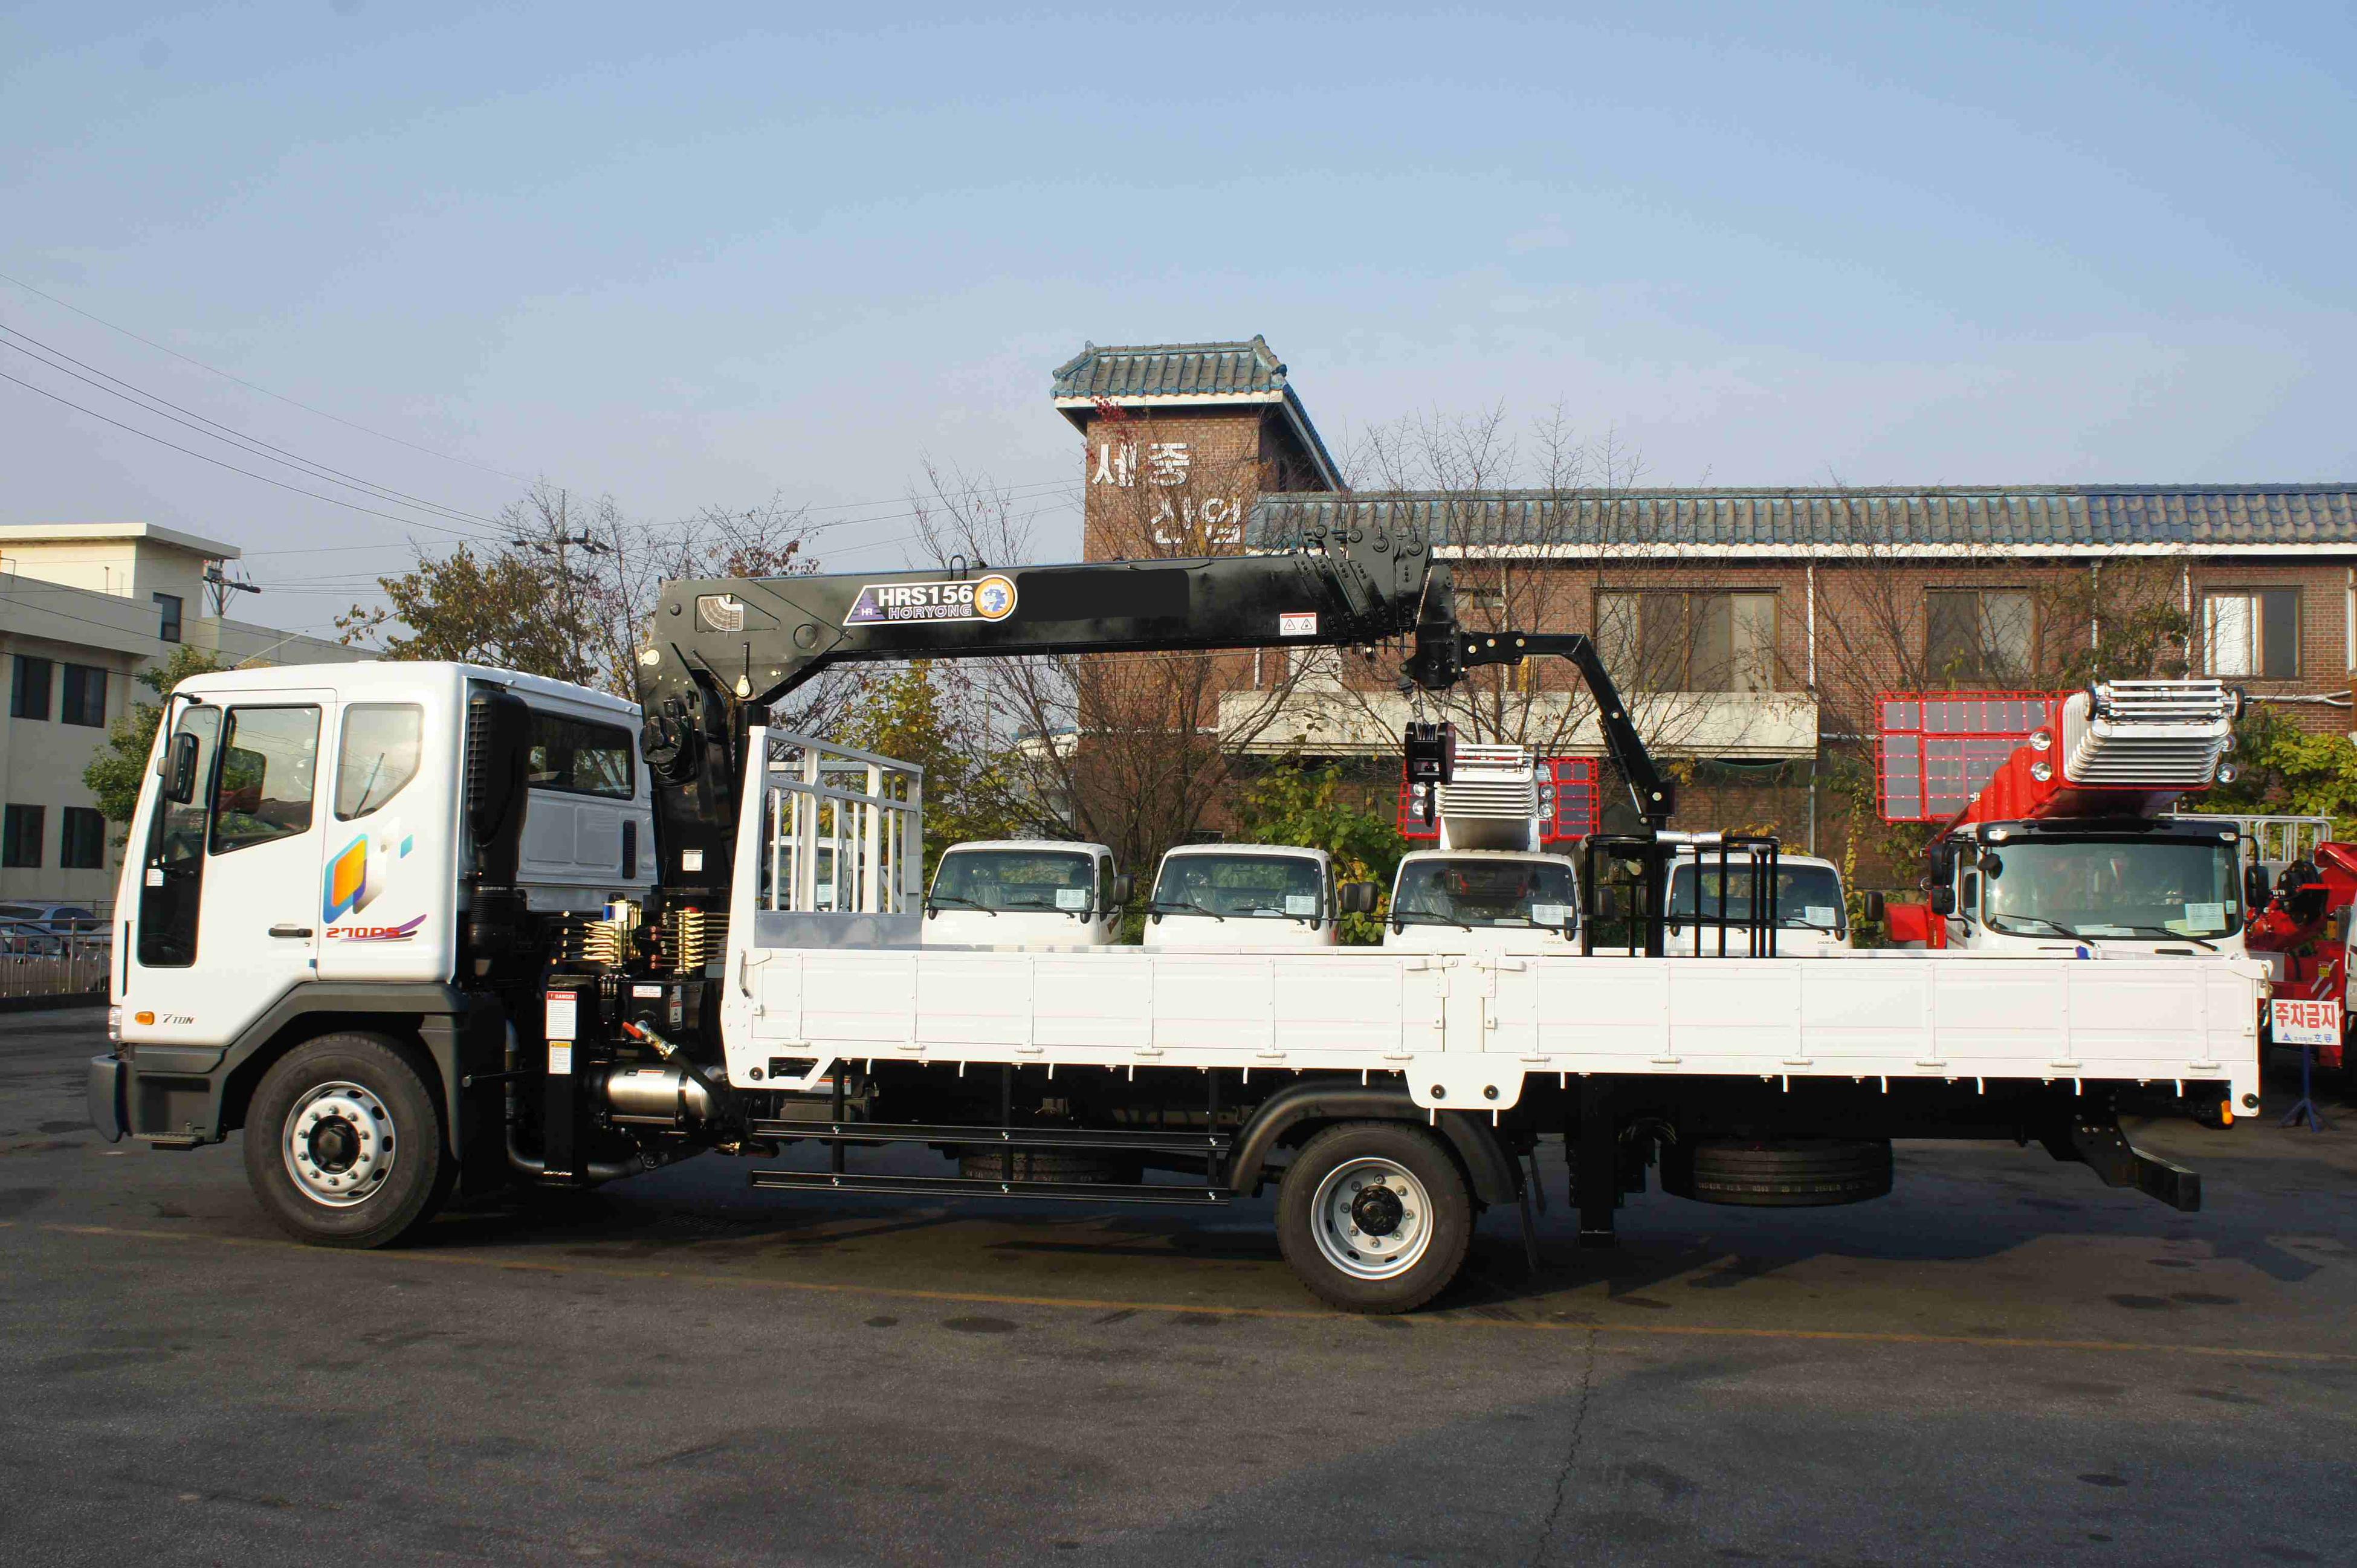 cargo_crane_horyong_hrs156_south_korea